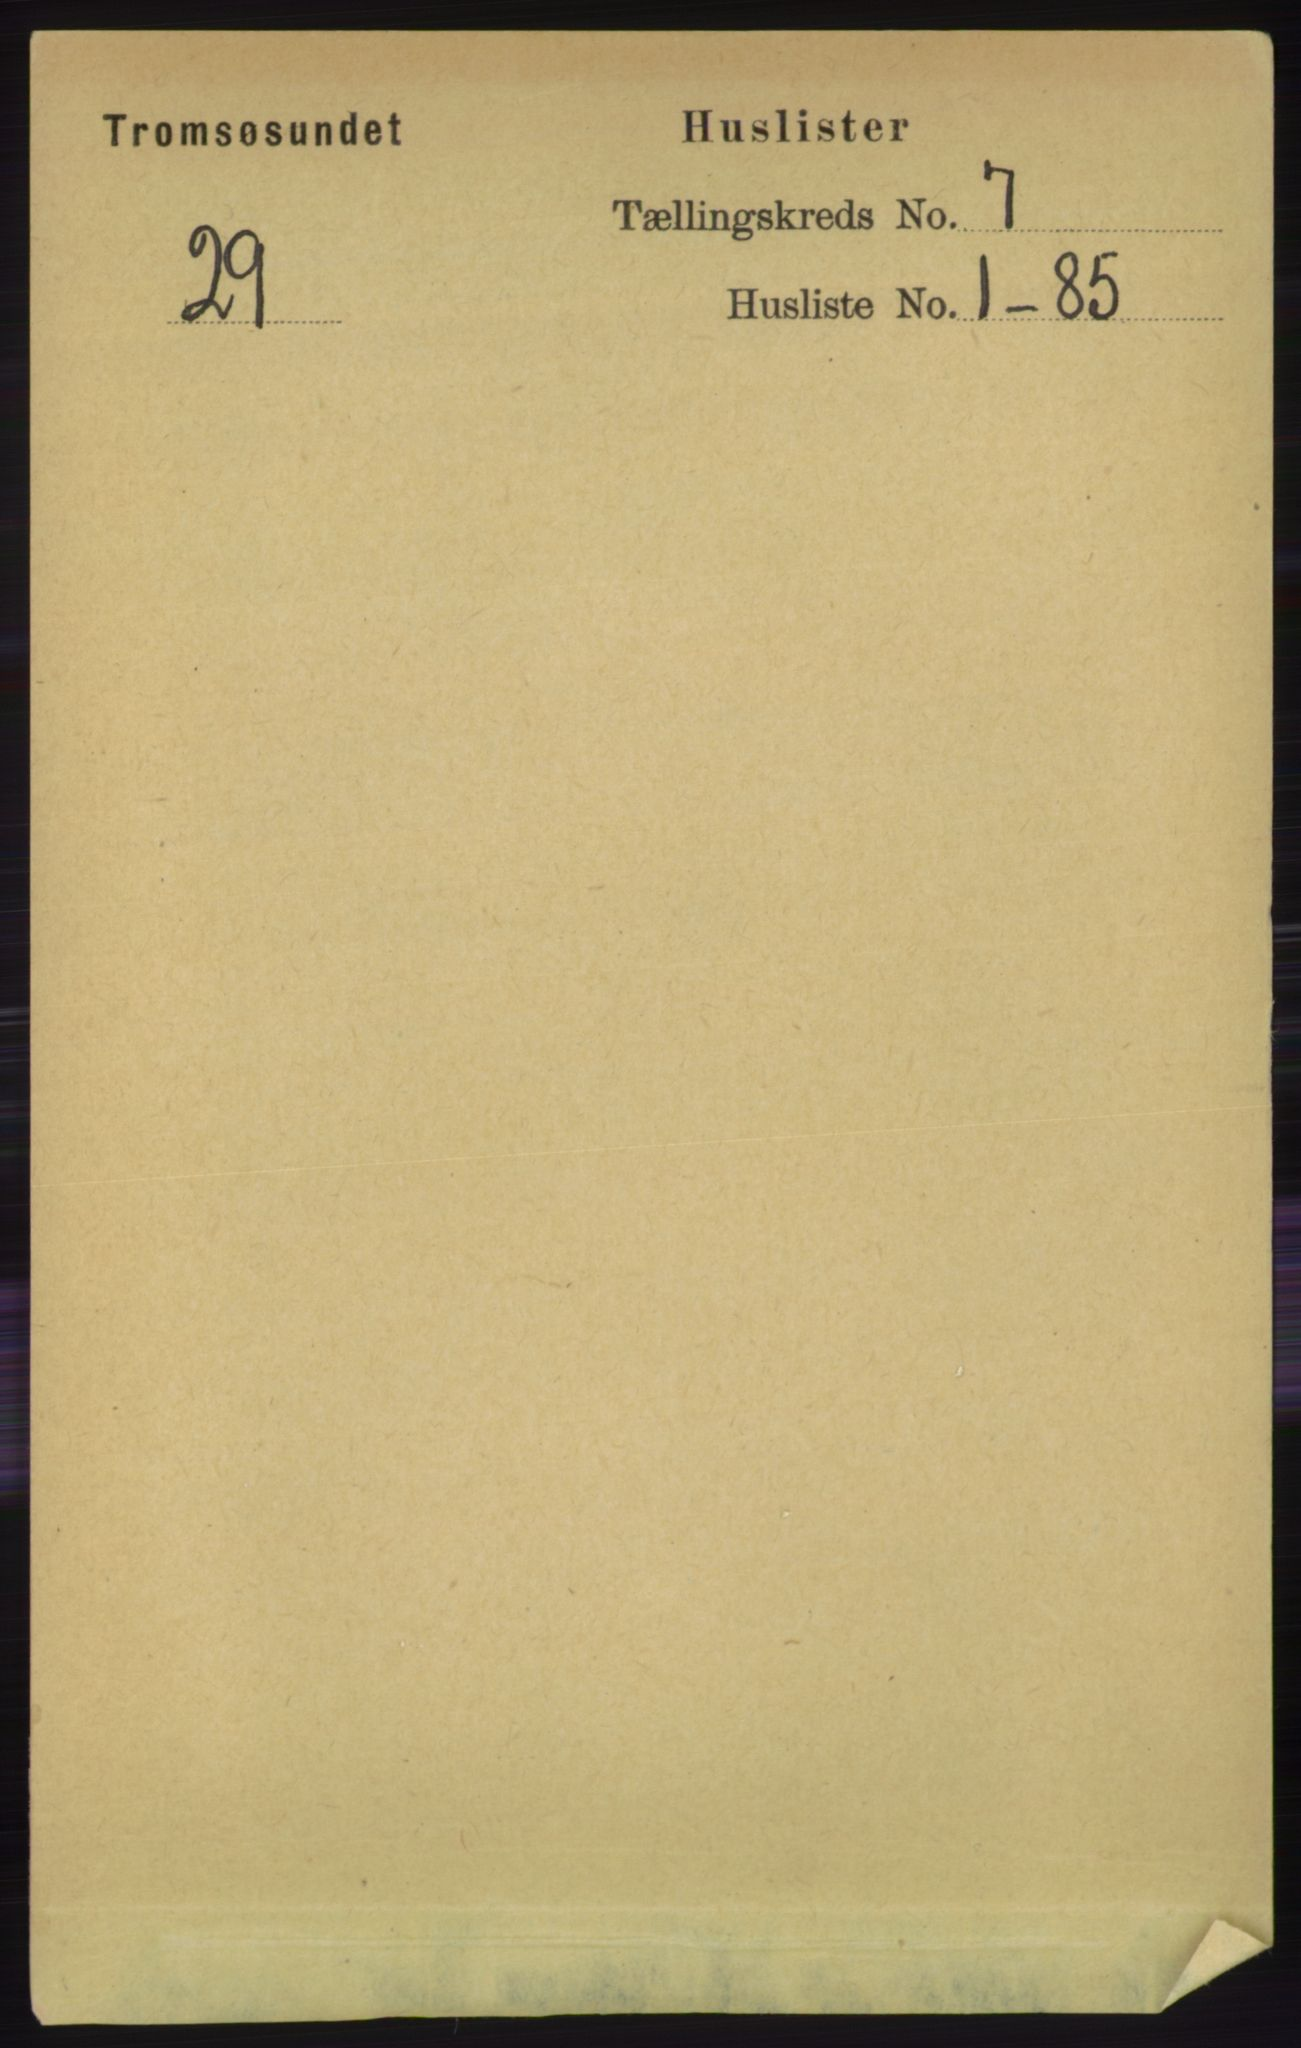 RA, Folketelling 1891 for 1934 Tromsøysund herred, 1891, s. 3633